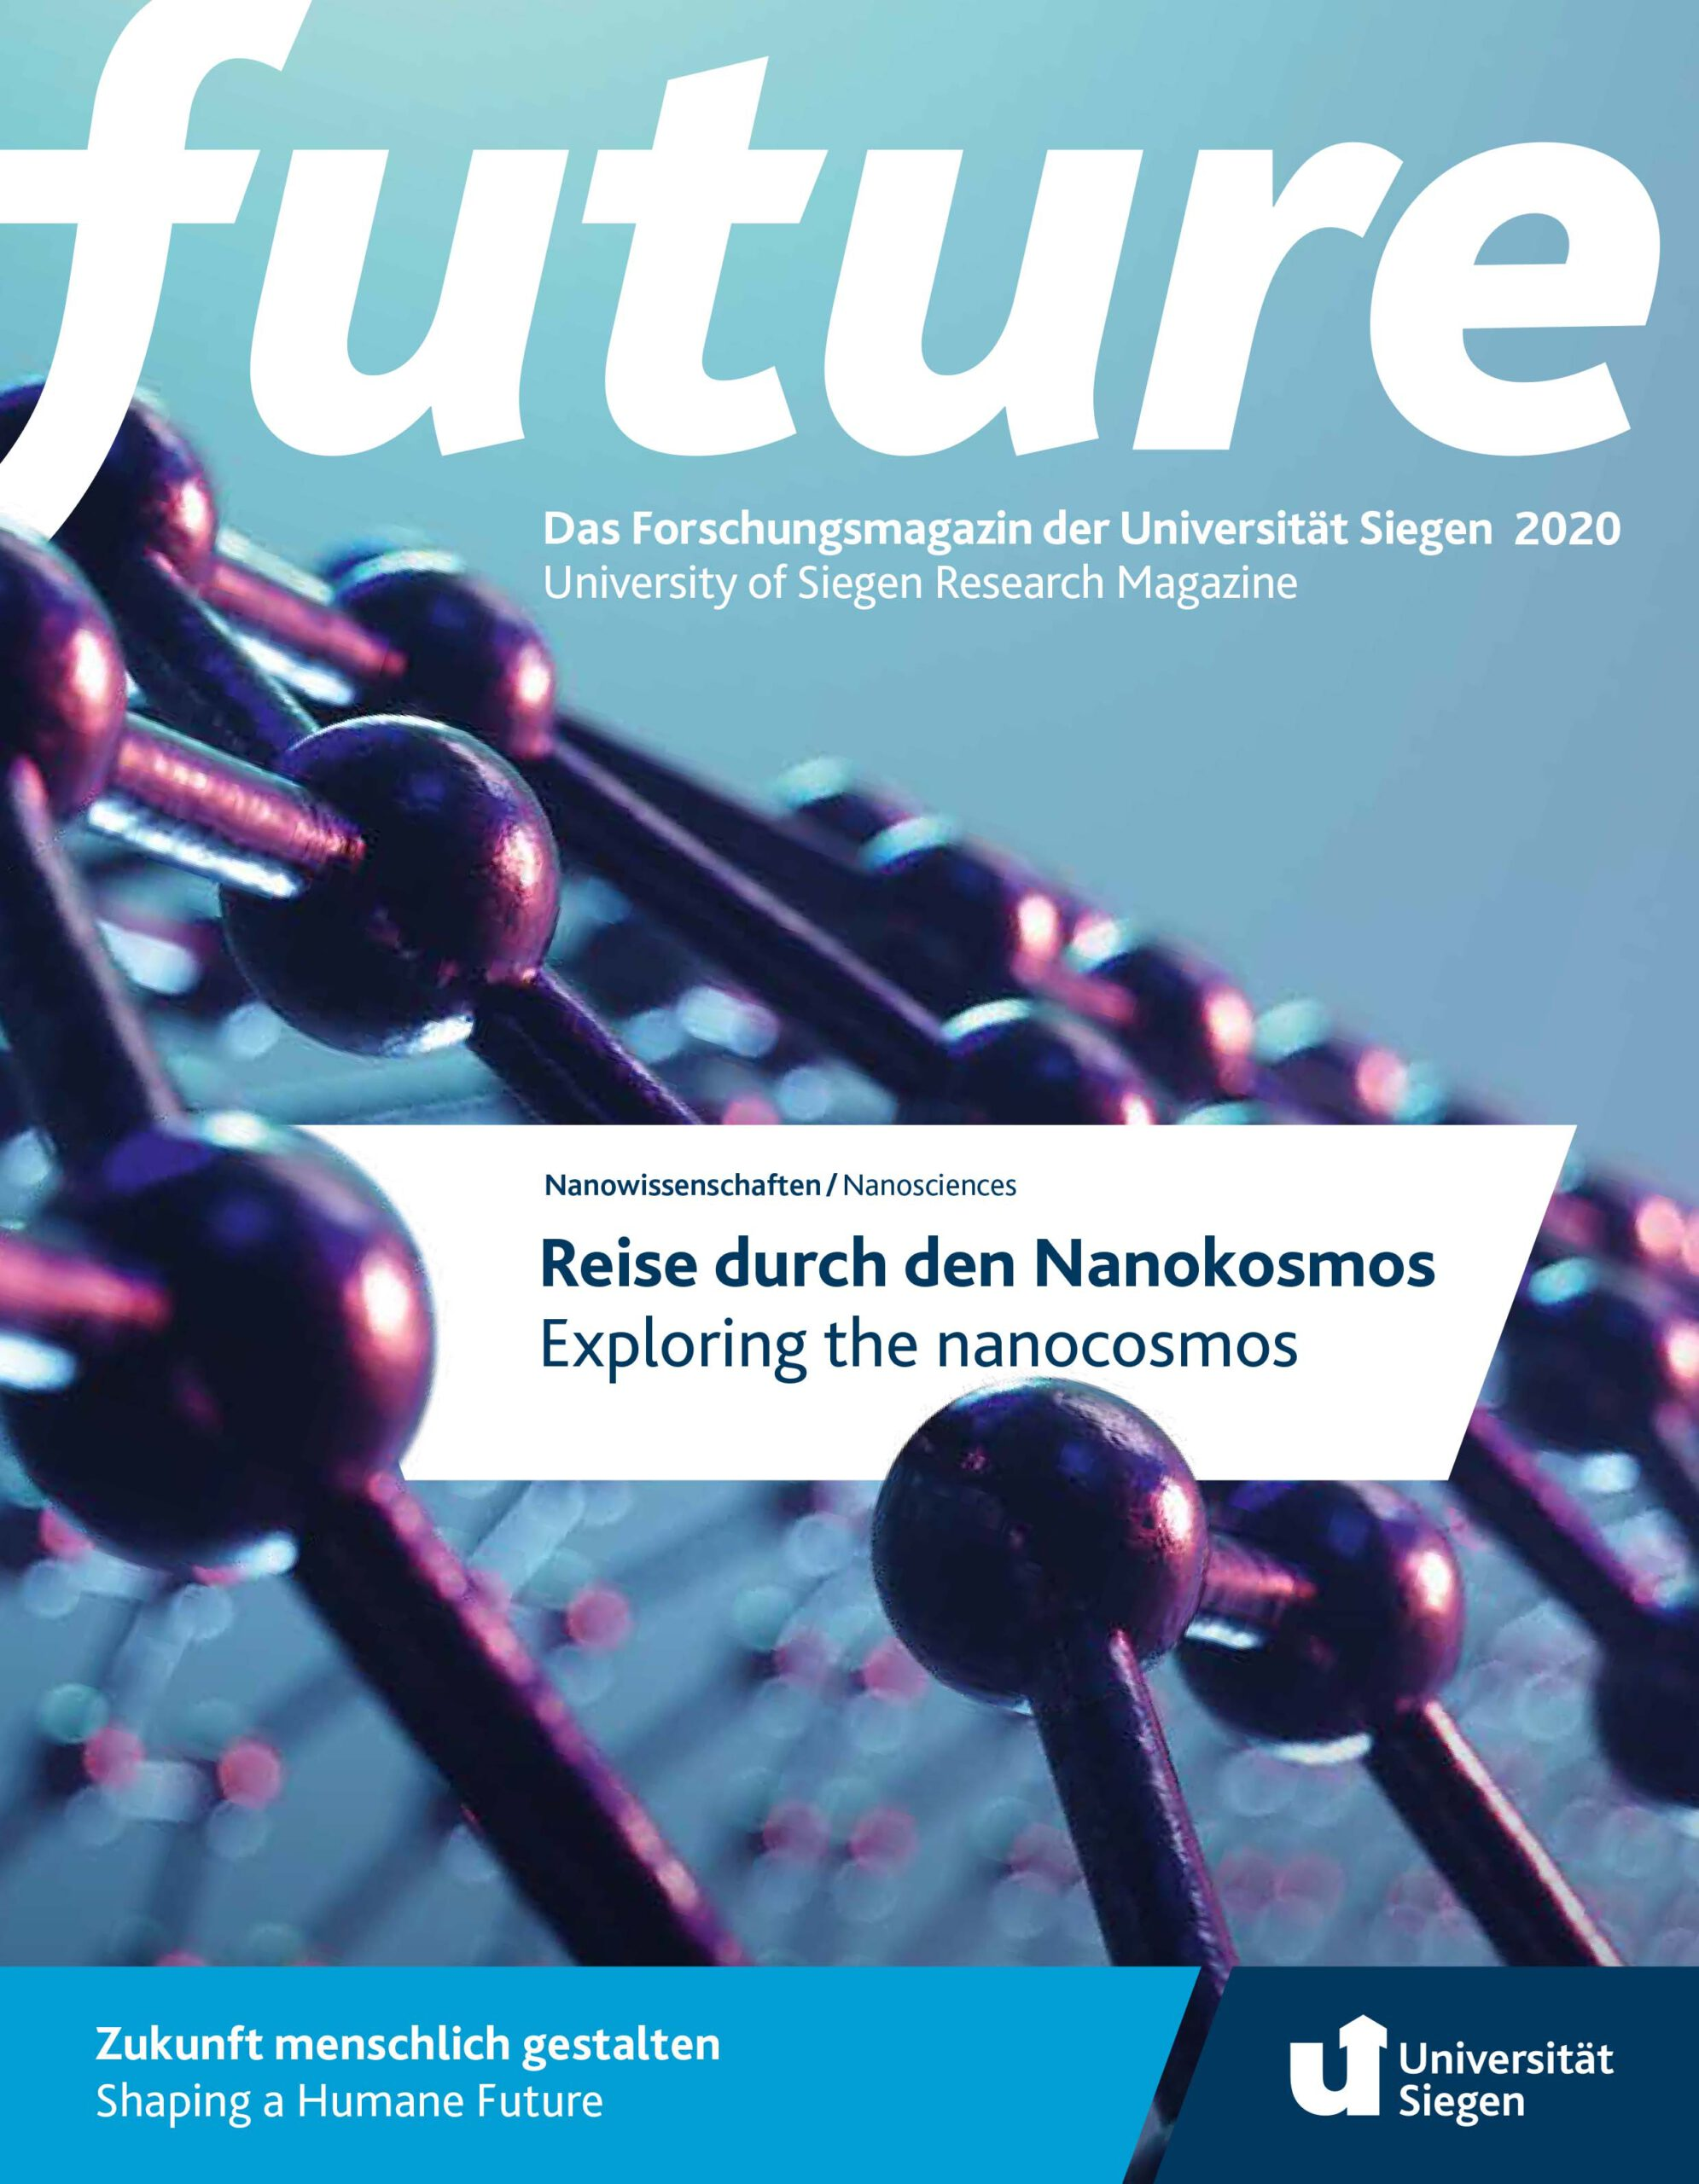 Blick auf den Titel des Forschungsmagazins future